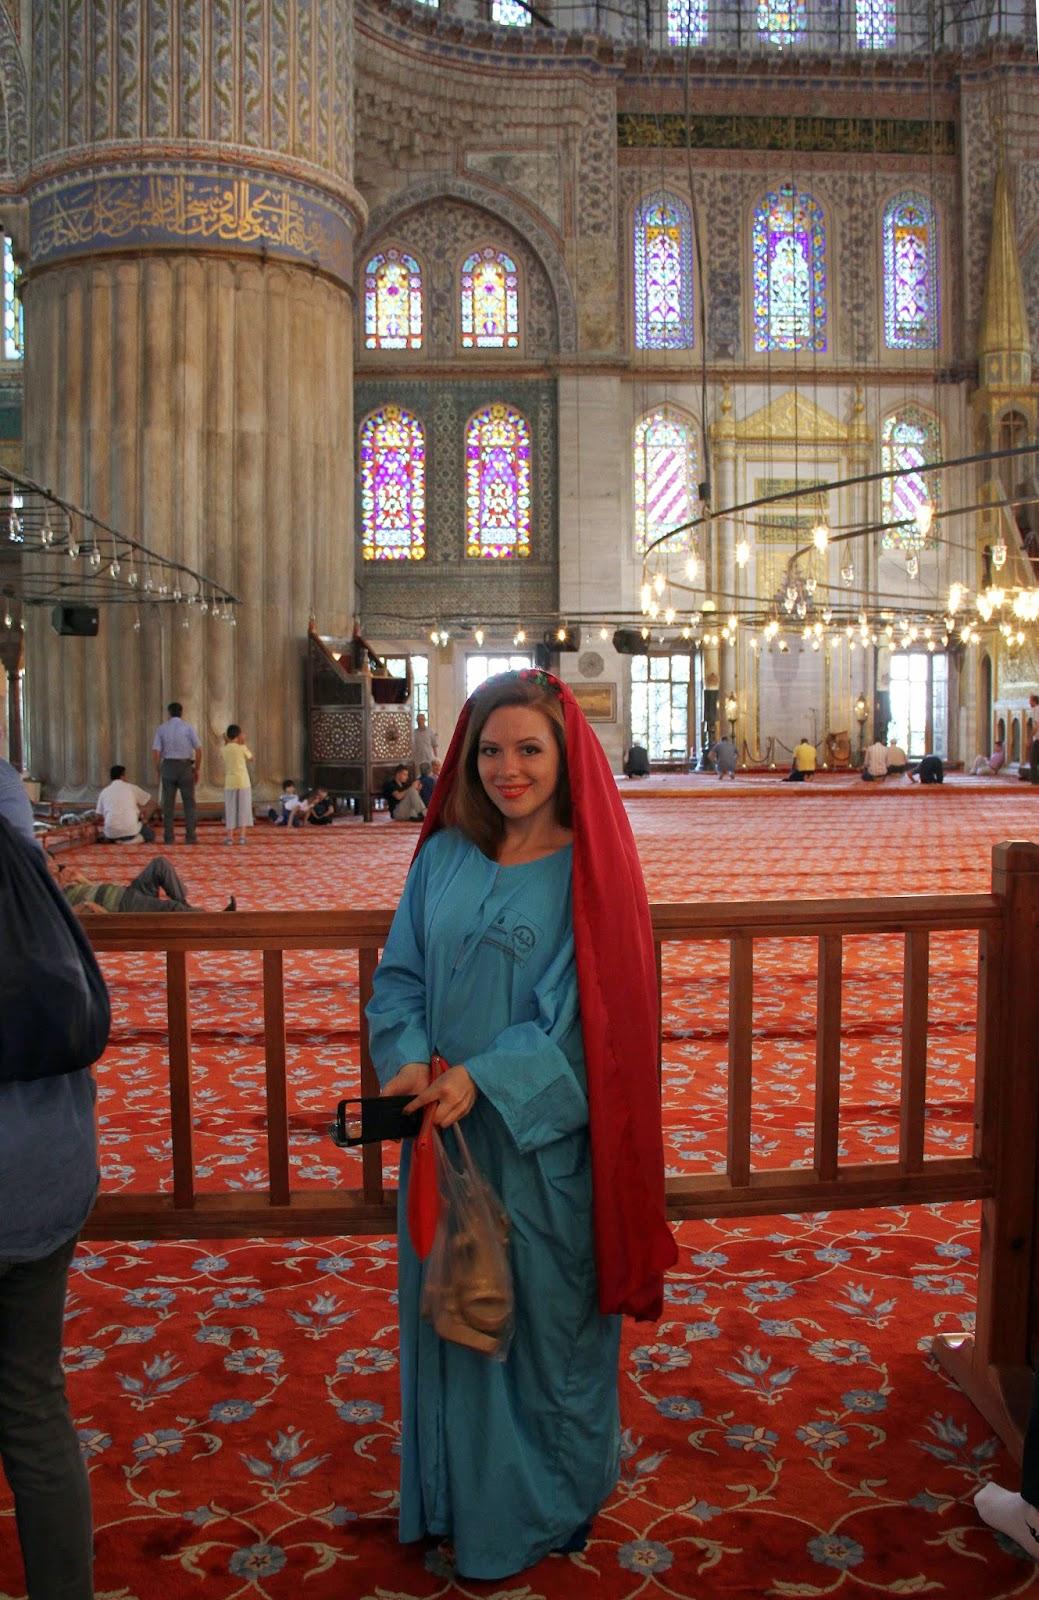 дресс код в мечеть